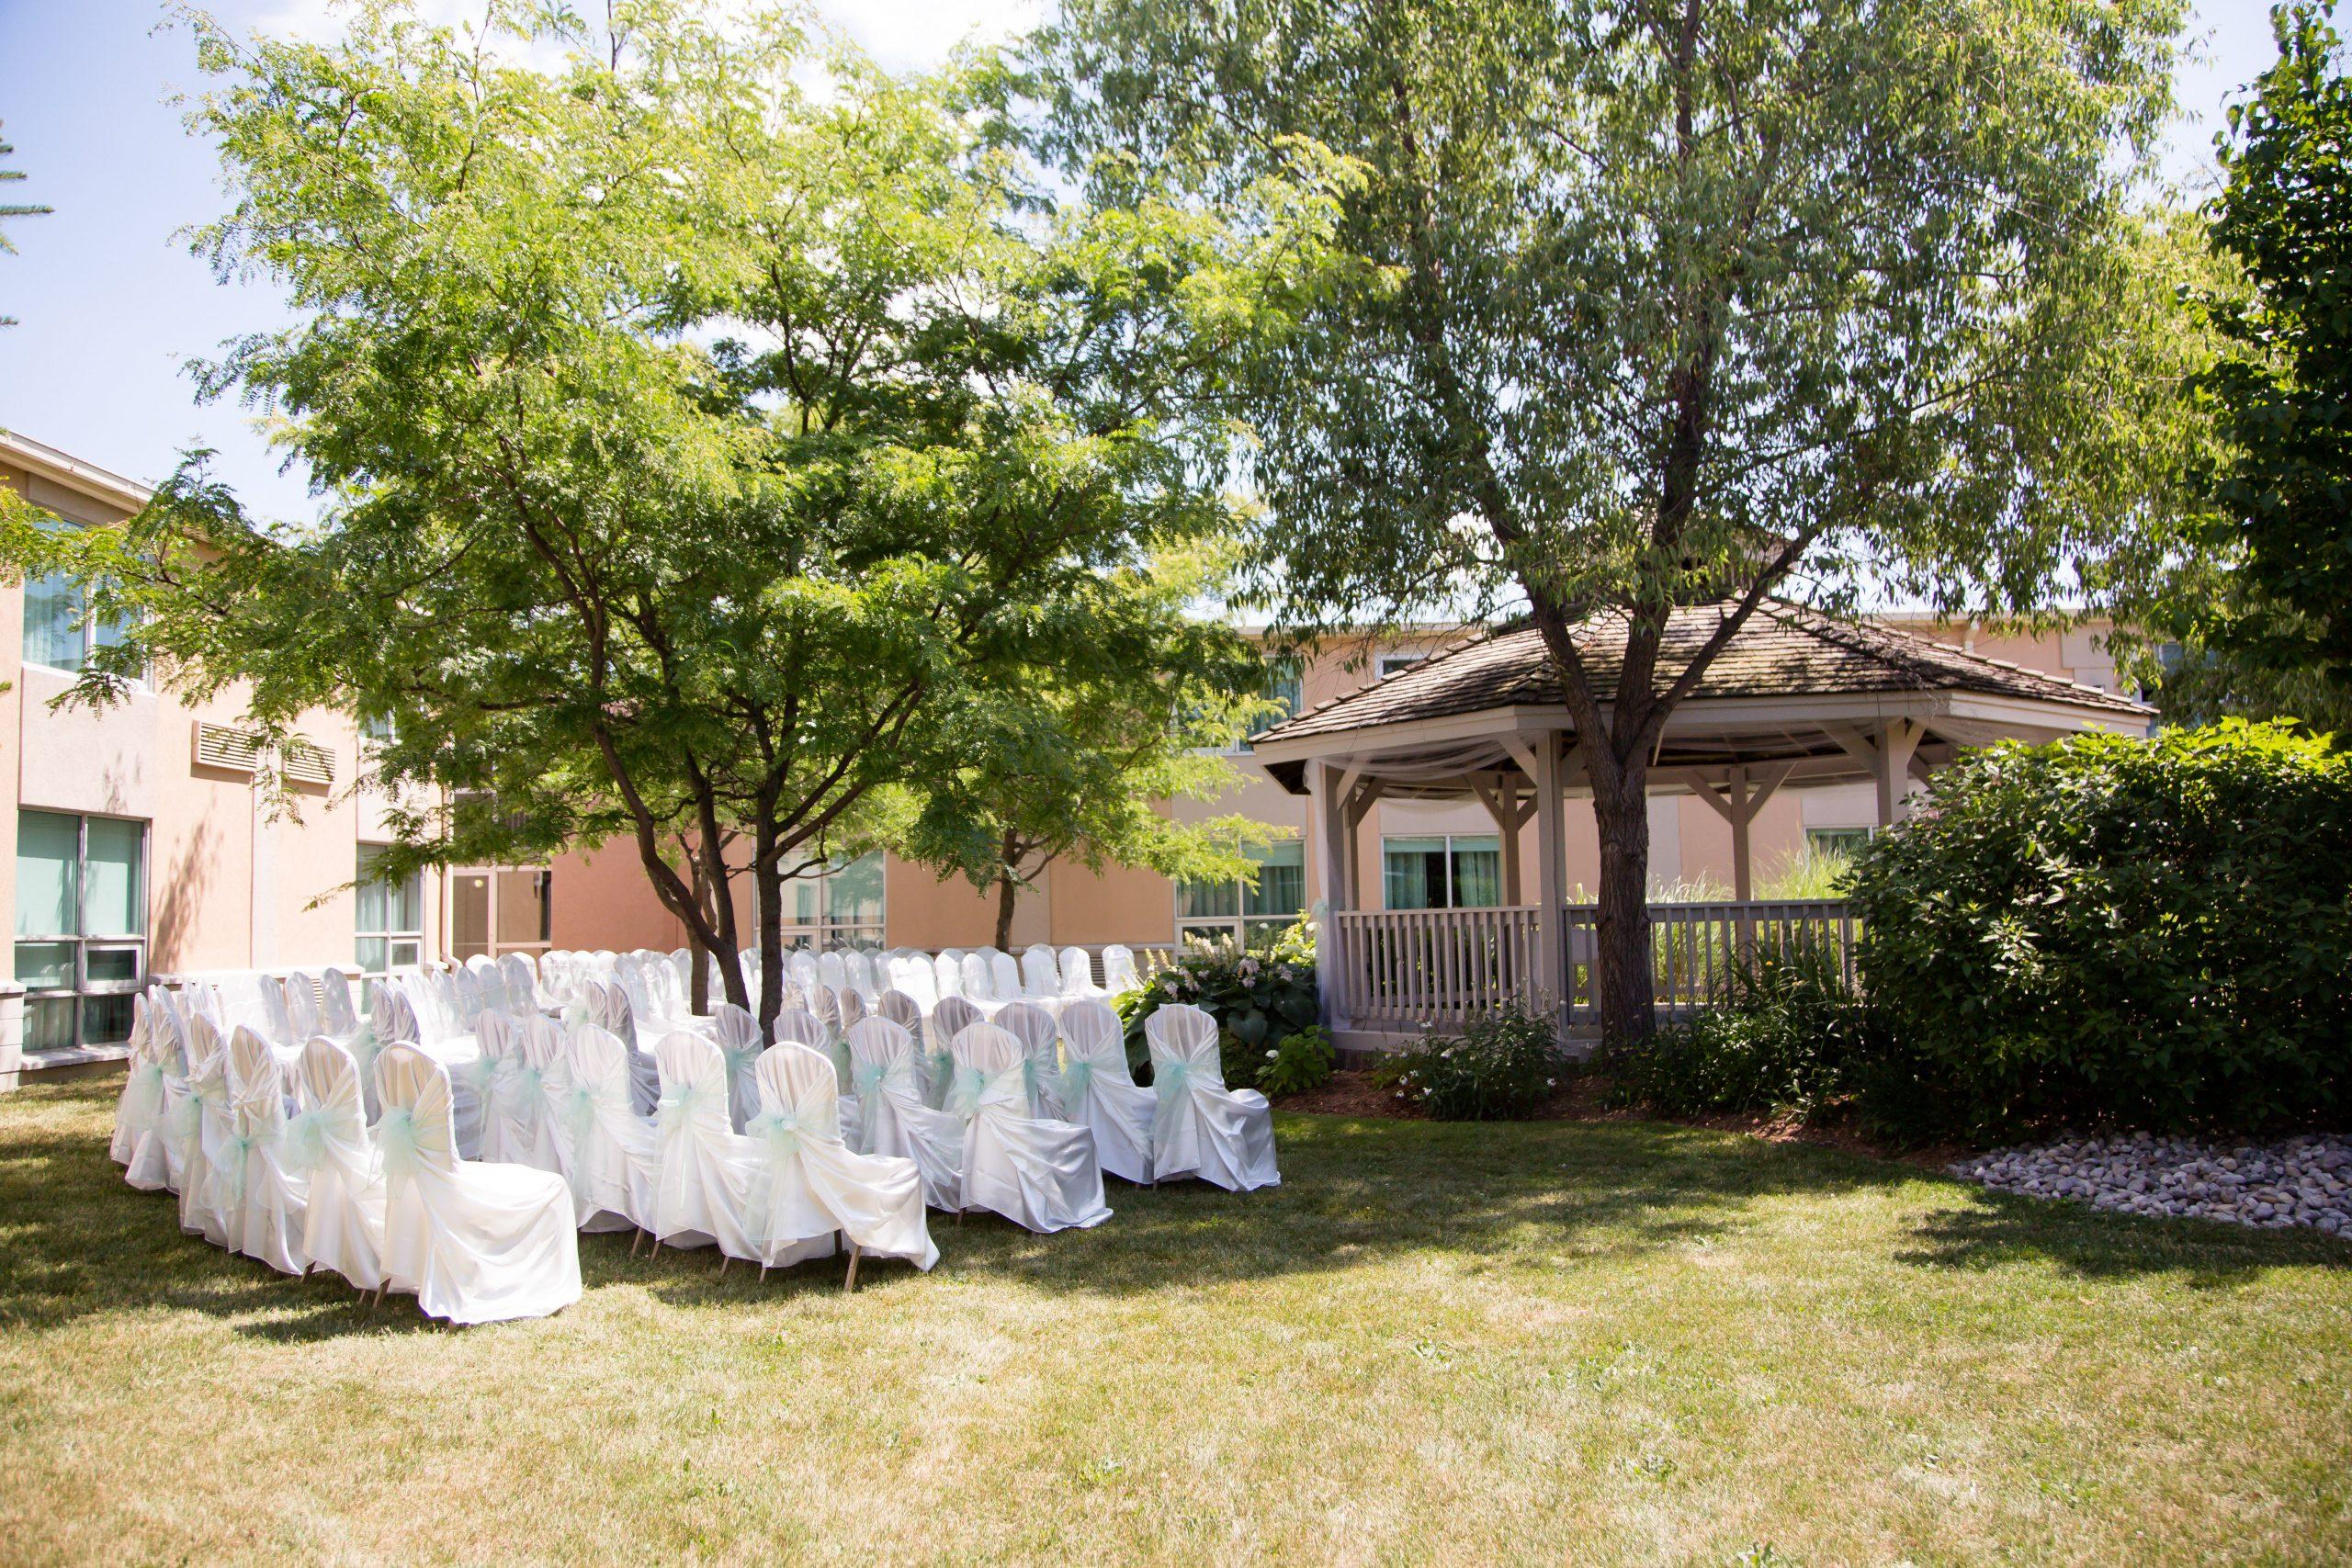 Tent outdoor wedding locations